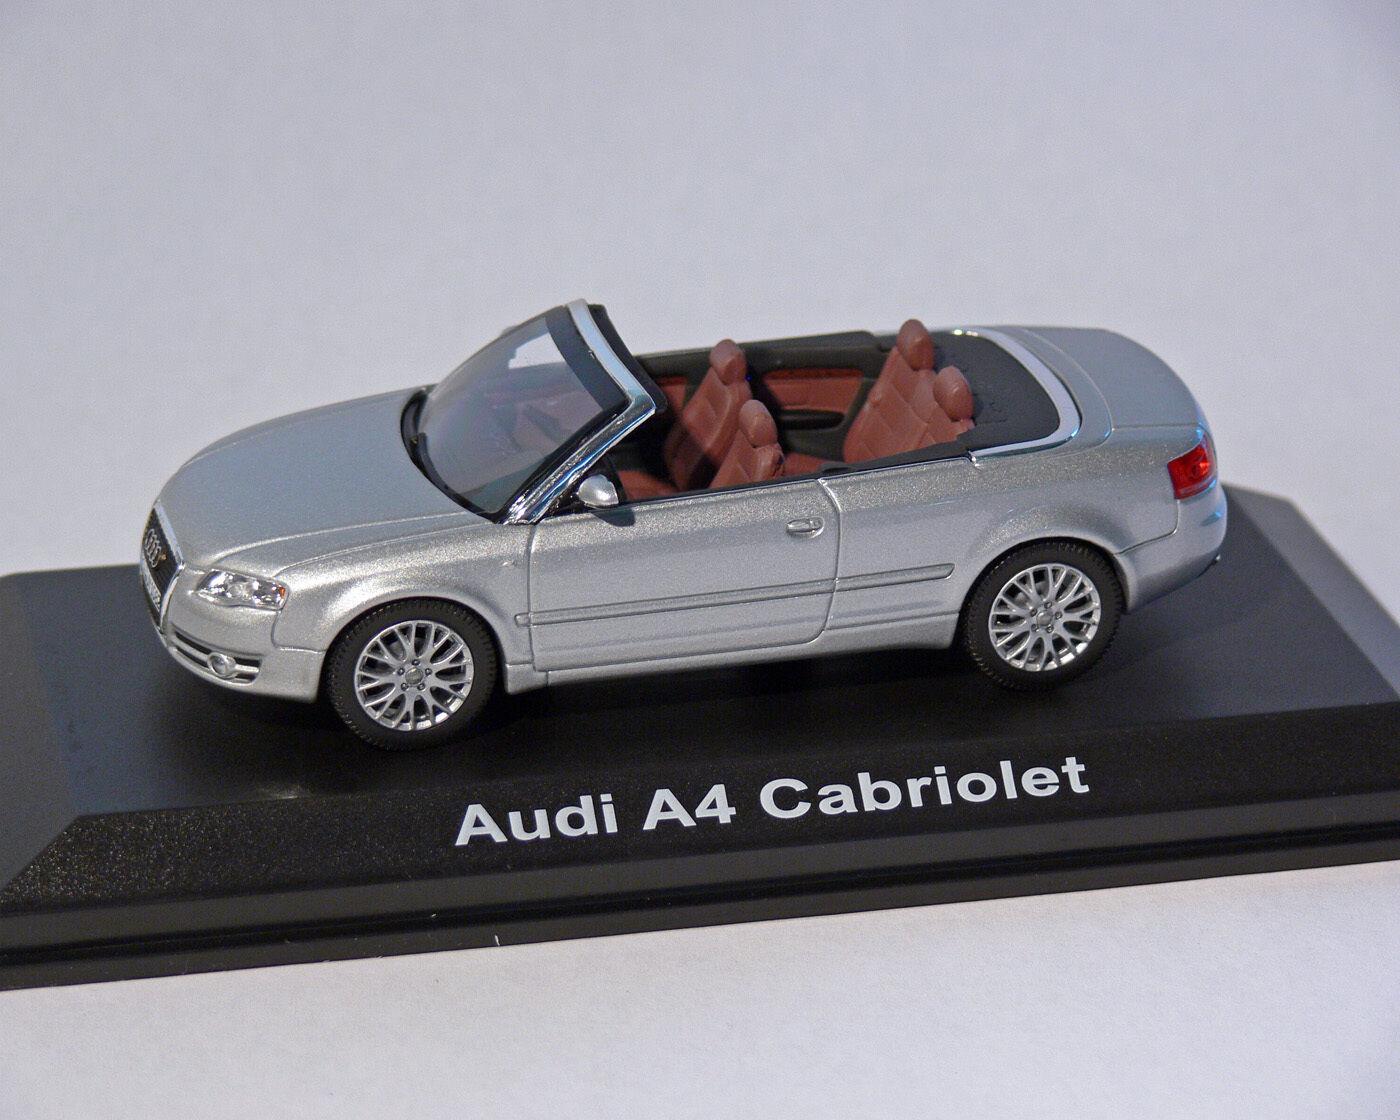 Audi A4 Cabriolet, Argent métallisé, 1 43, NOREV